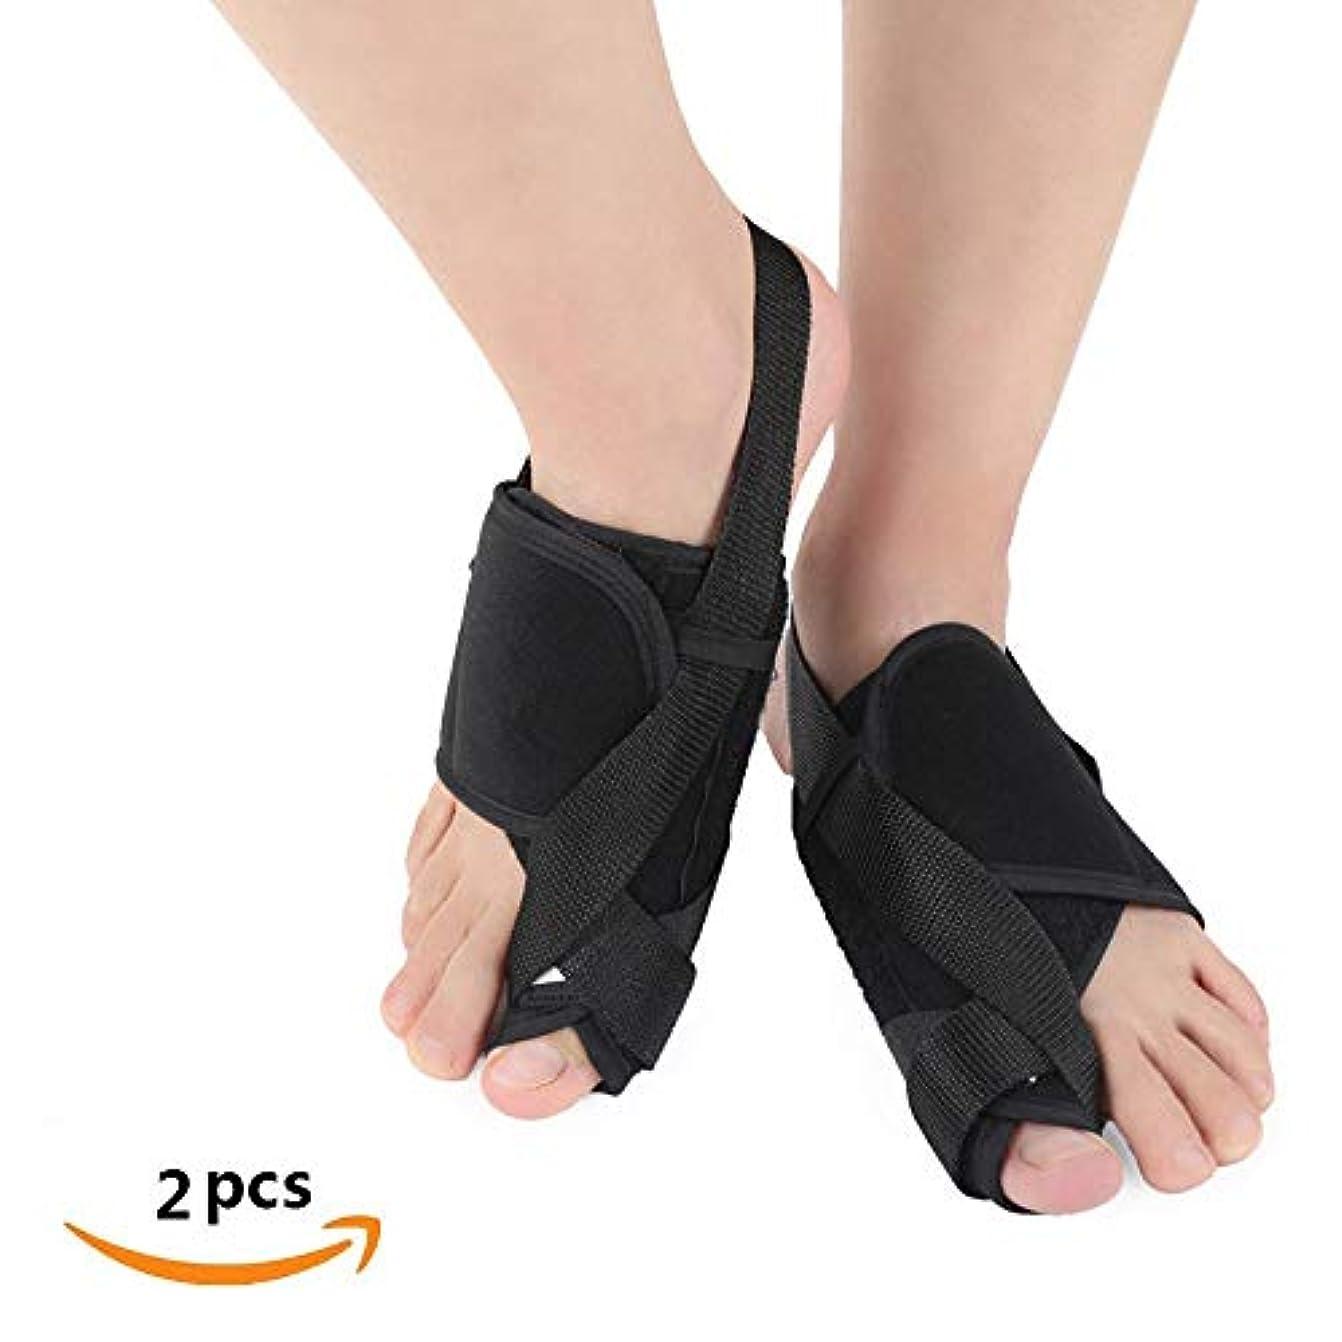 呼吸広々エアコン外反母趾サポーター、外反母趾包帯腱補正補助具保護、疼痛緩和のための整形外科サポート、男性と女性に適して,M